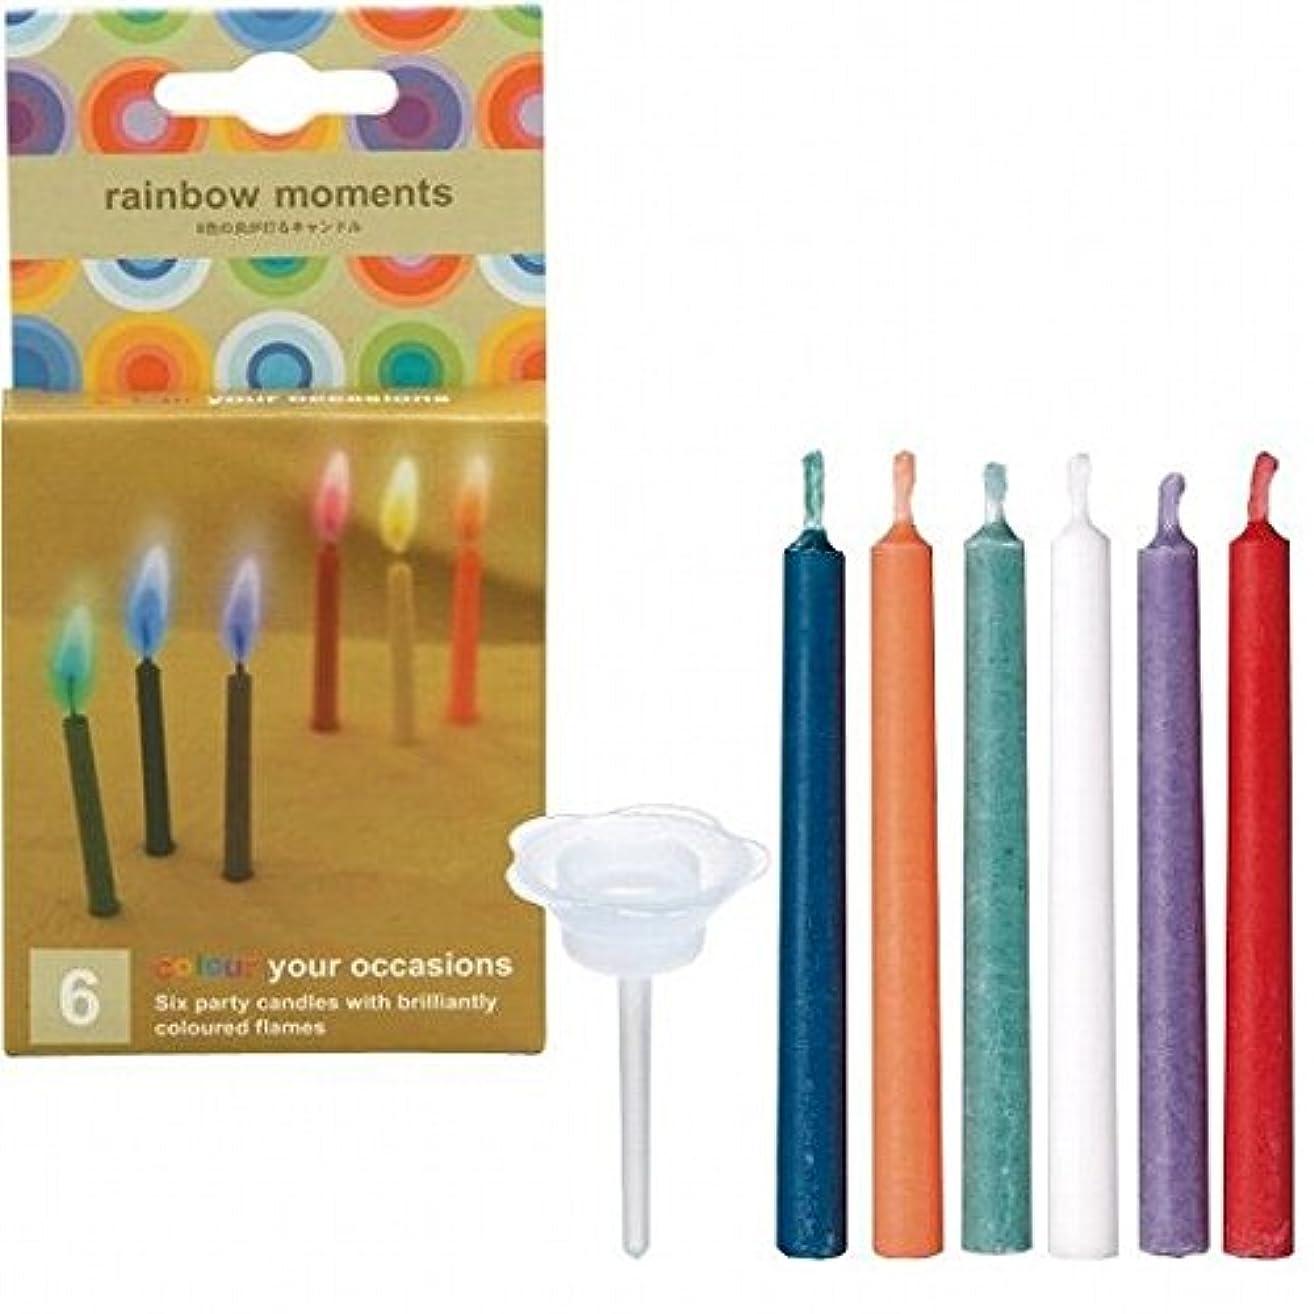 複雑バルブ抑圧するkameyama candle(カメヤマキャンドル) rainbowmoments(レインボーモーメント)6色6本入り 「 6本入り 」 キャンドル(56050000)